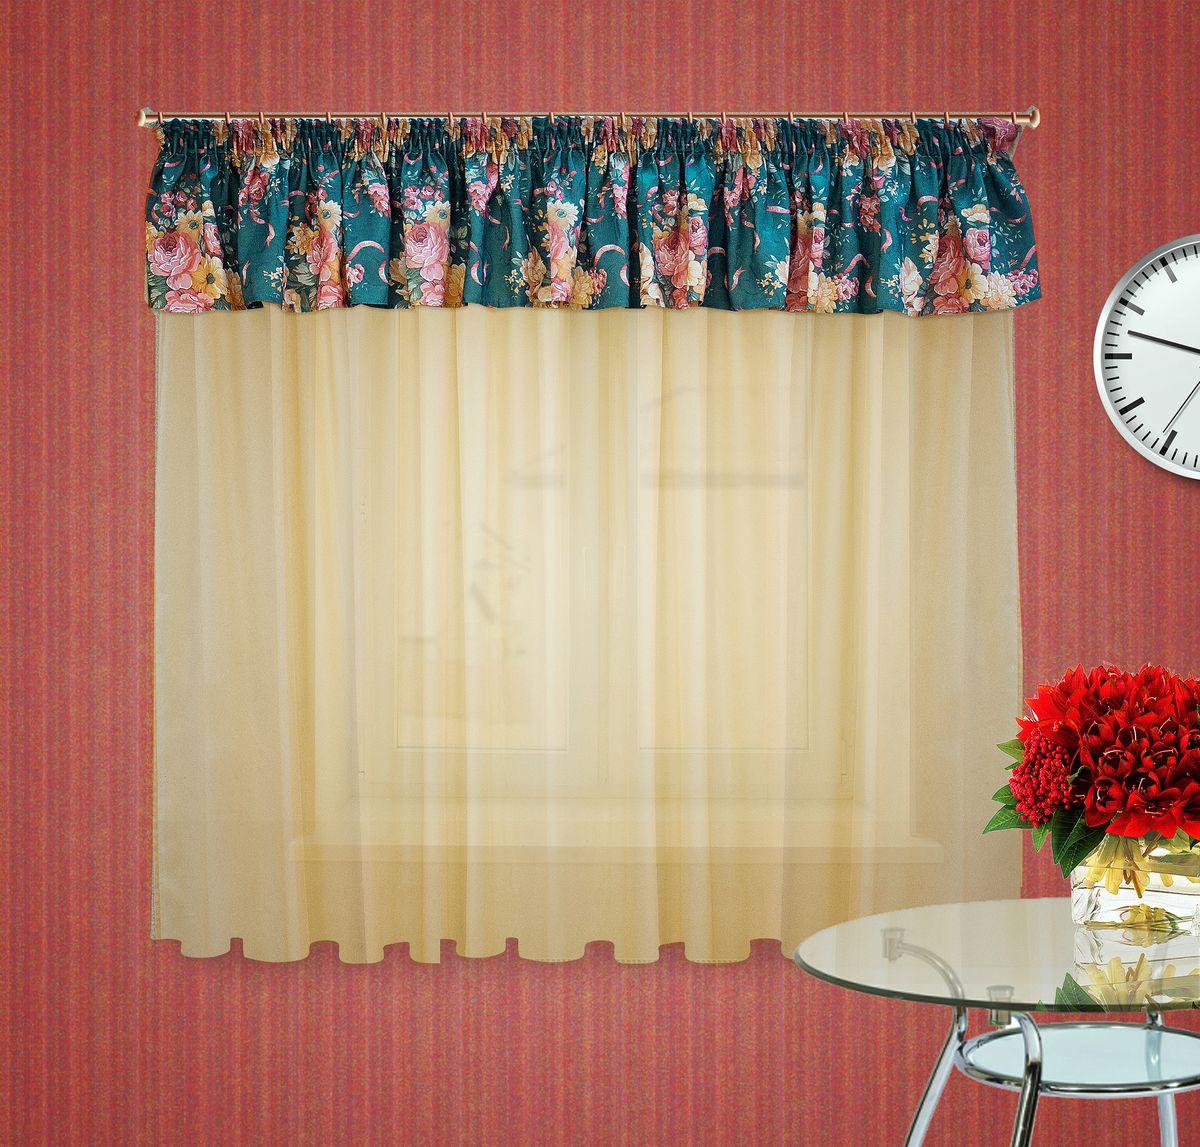 Тюлевое полотно Zlata Korunka. 5555455554Комплект штор на шторной ленте , Ламбрекен : 400*50см 1шт, ткань печатный сатен с орнаментом крупного цветка, Тюлевое полотно из вуали цвет: светлый беж размером: 300*180